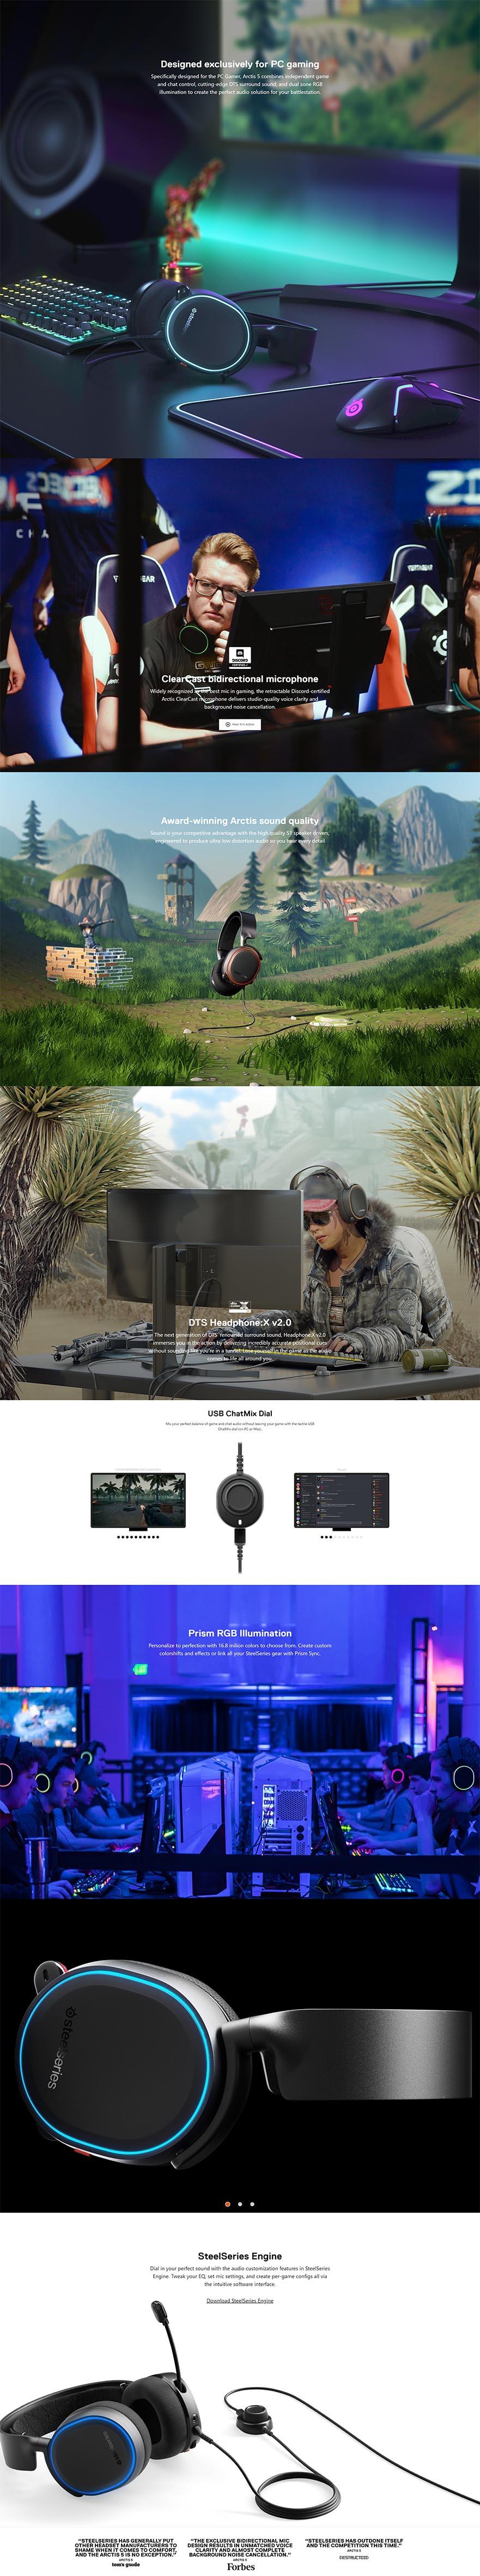 SteelSeries Arctis 5 Gaming Headset (2019) - Black